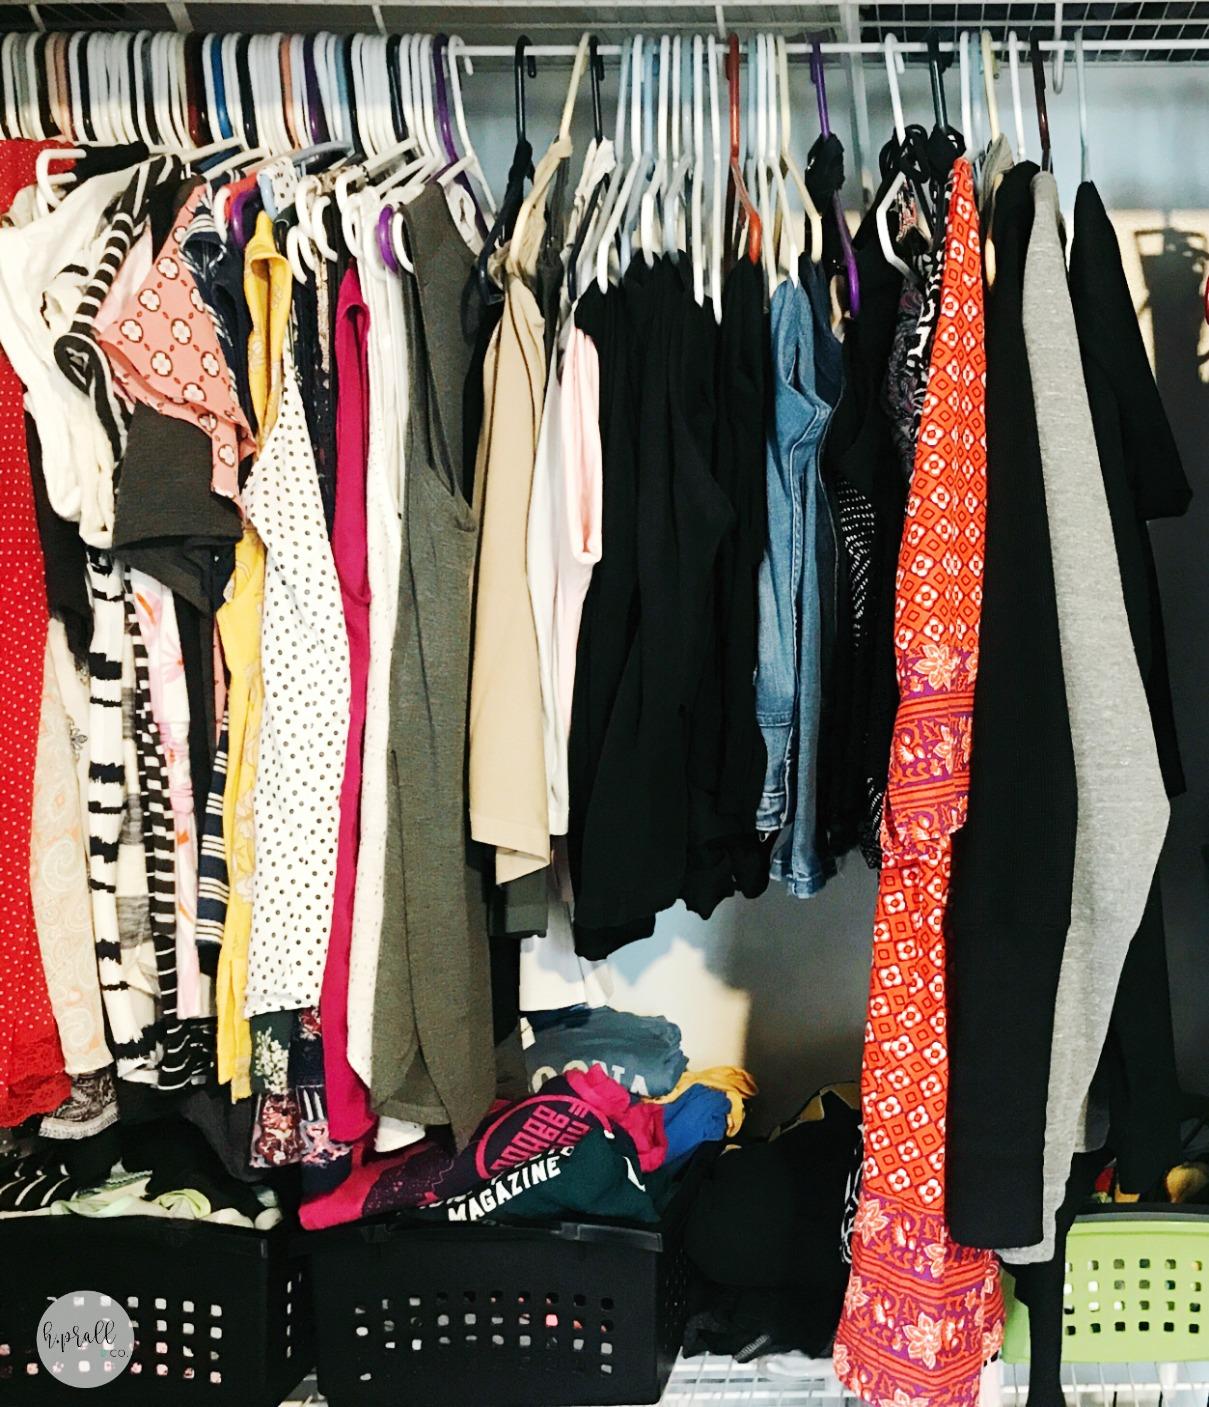 How to Makeover a Bedroom Closet | hprallandco.com | H.Prall & Co. Interior Decorating